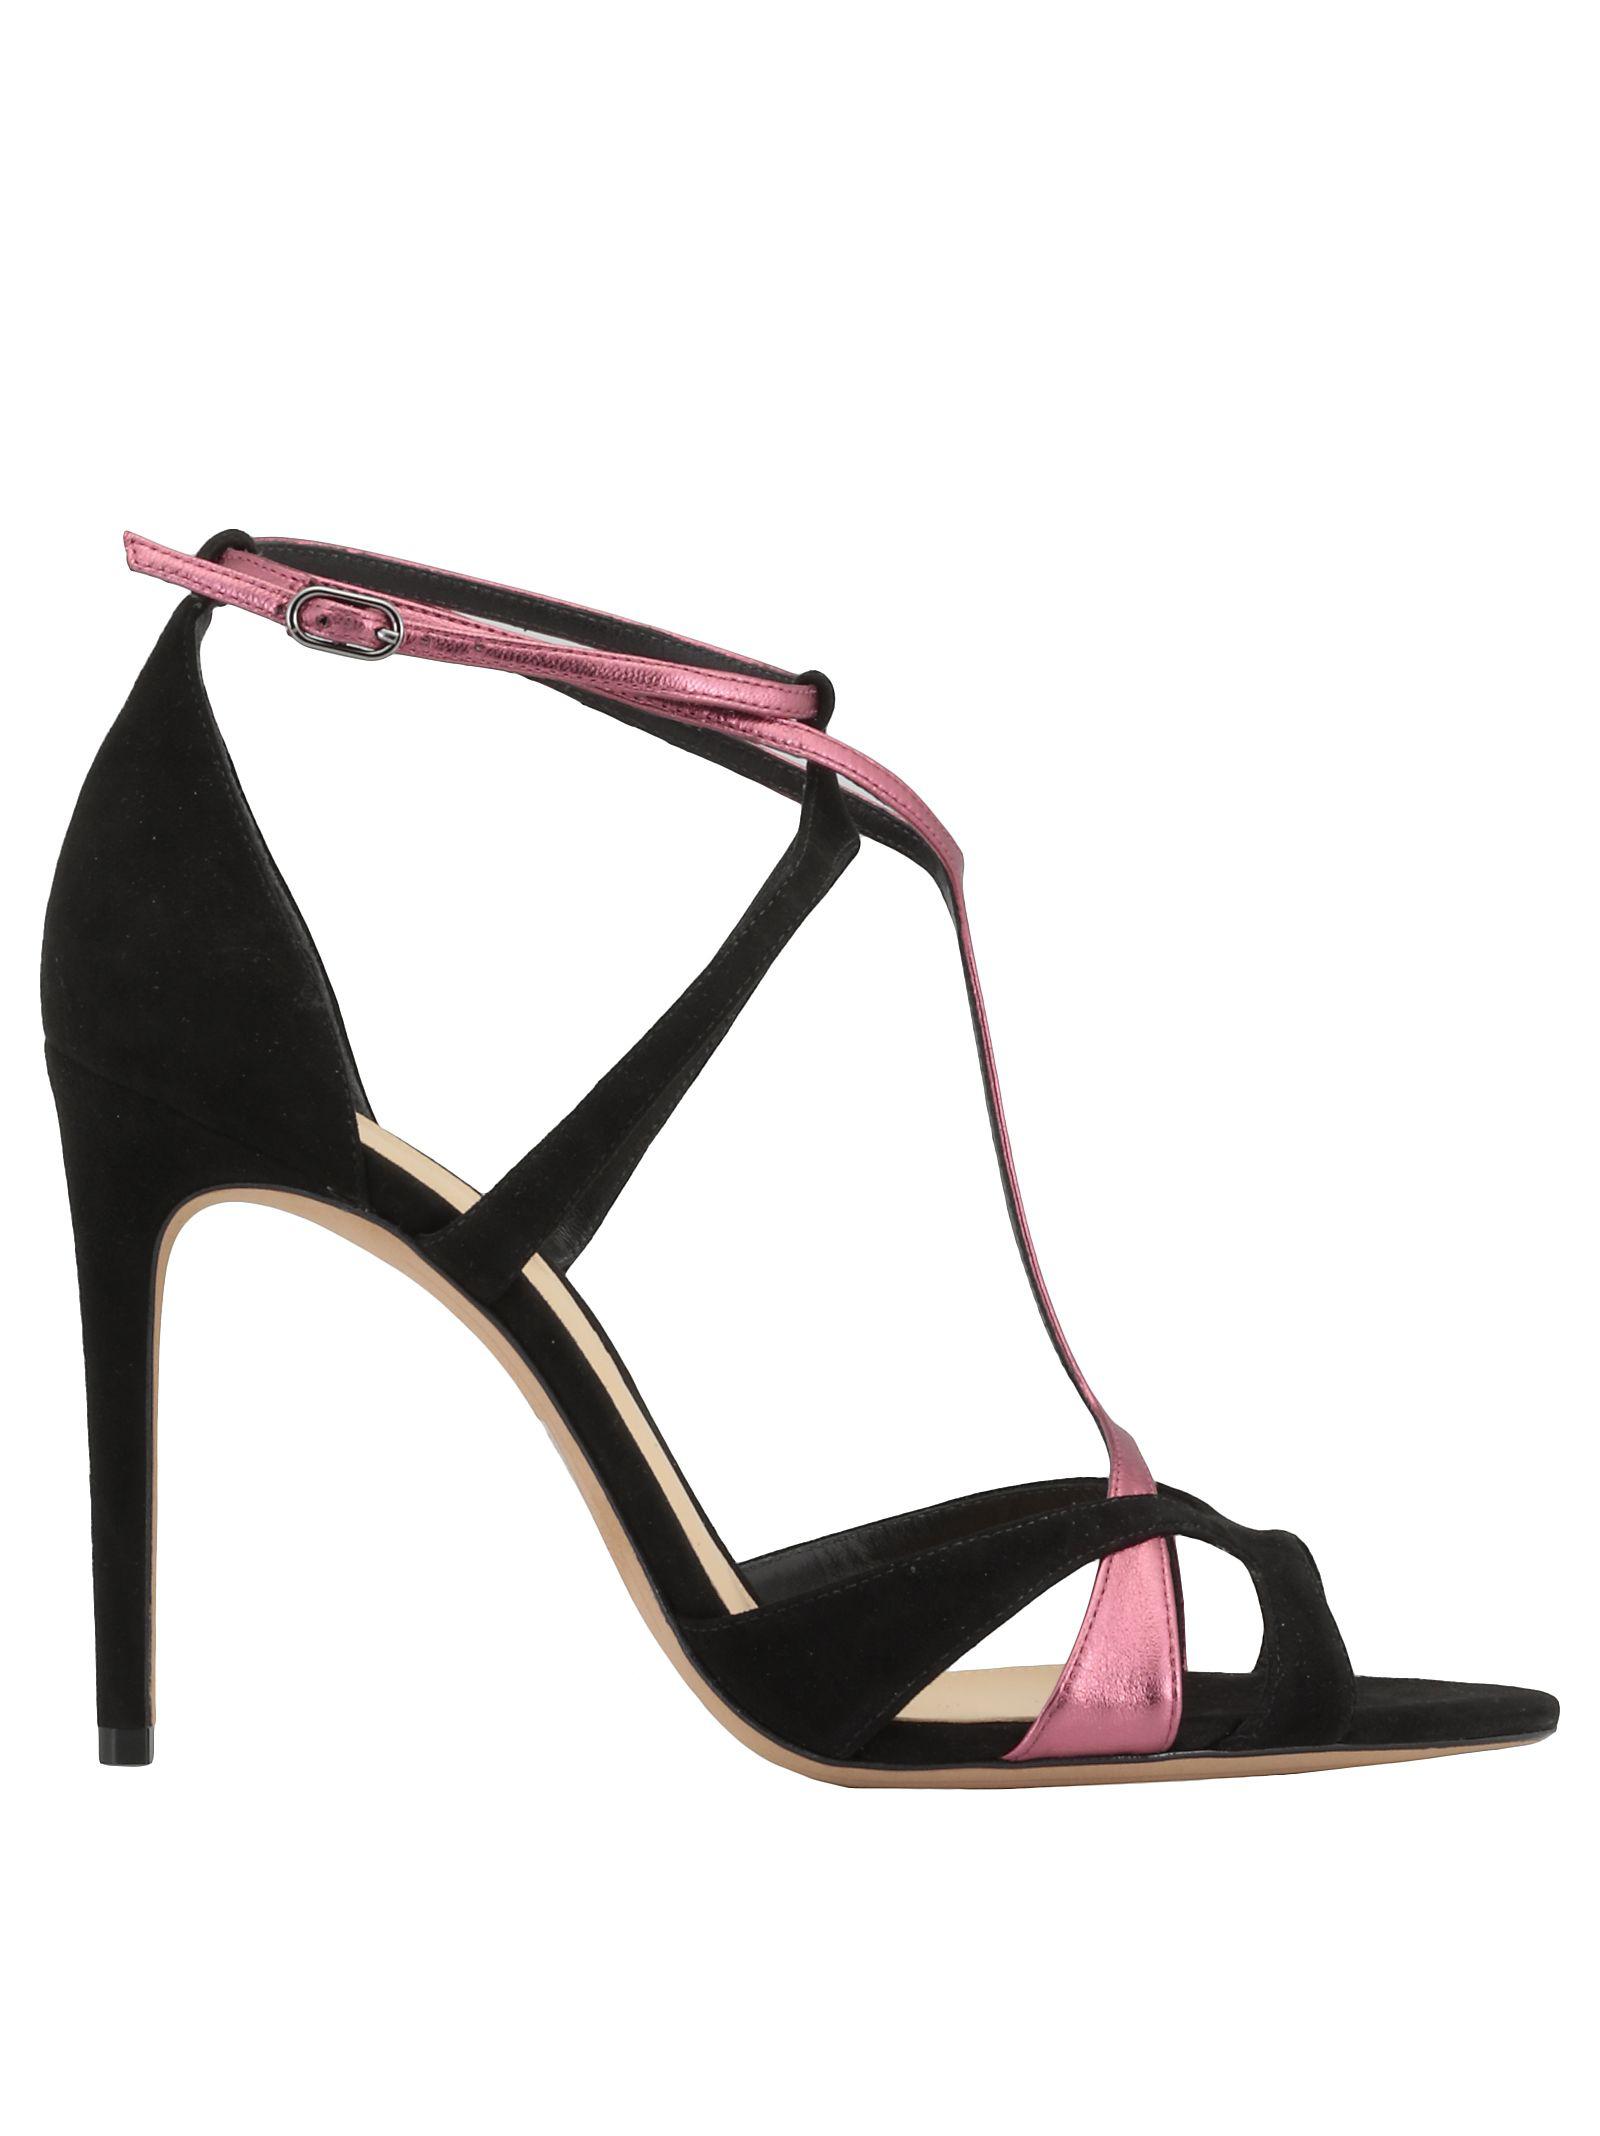 Alexandre Birman Anitta Sandal In Black/Blossom